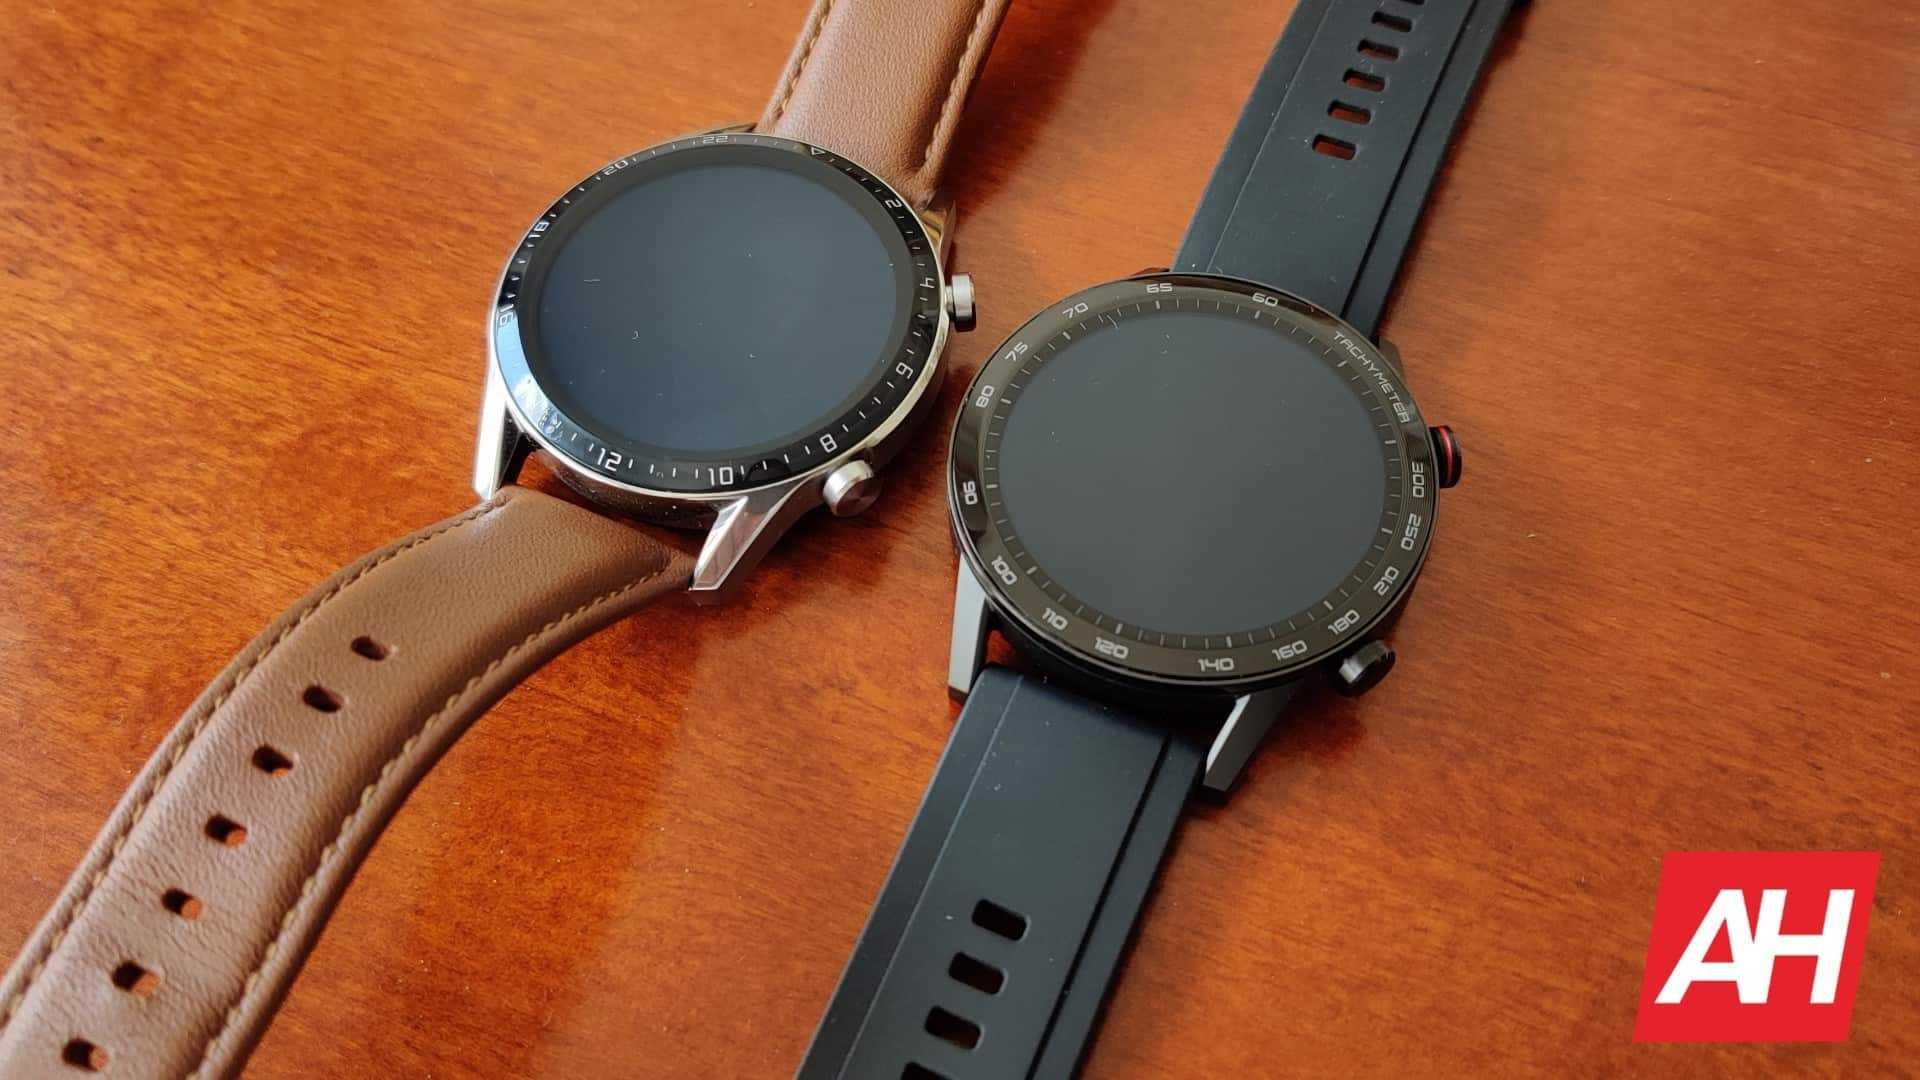 Обзор honor magic watch 2: умные часы с обновлённым дизайном